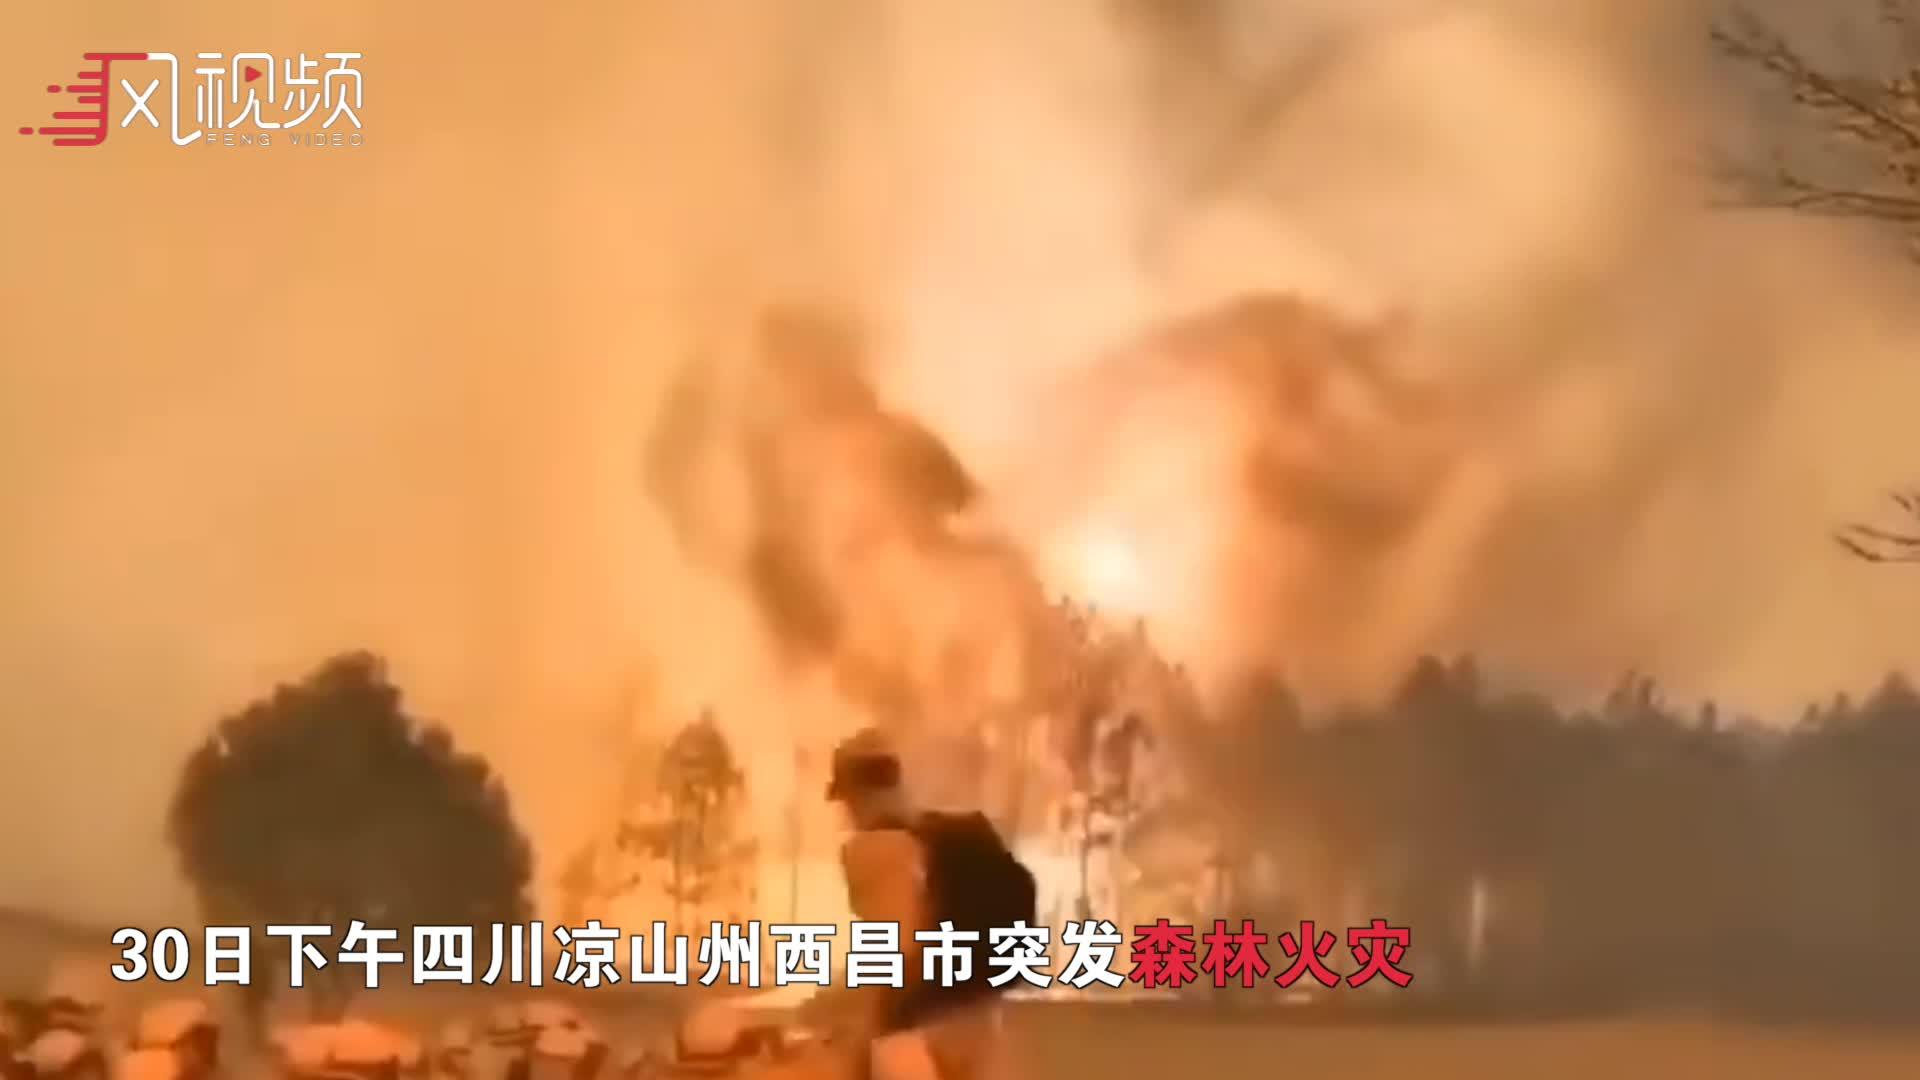 四川西昌突发森林火灾,火光冲天!黄烟弥漫城区